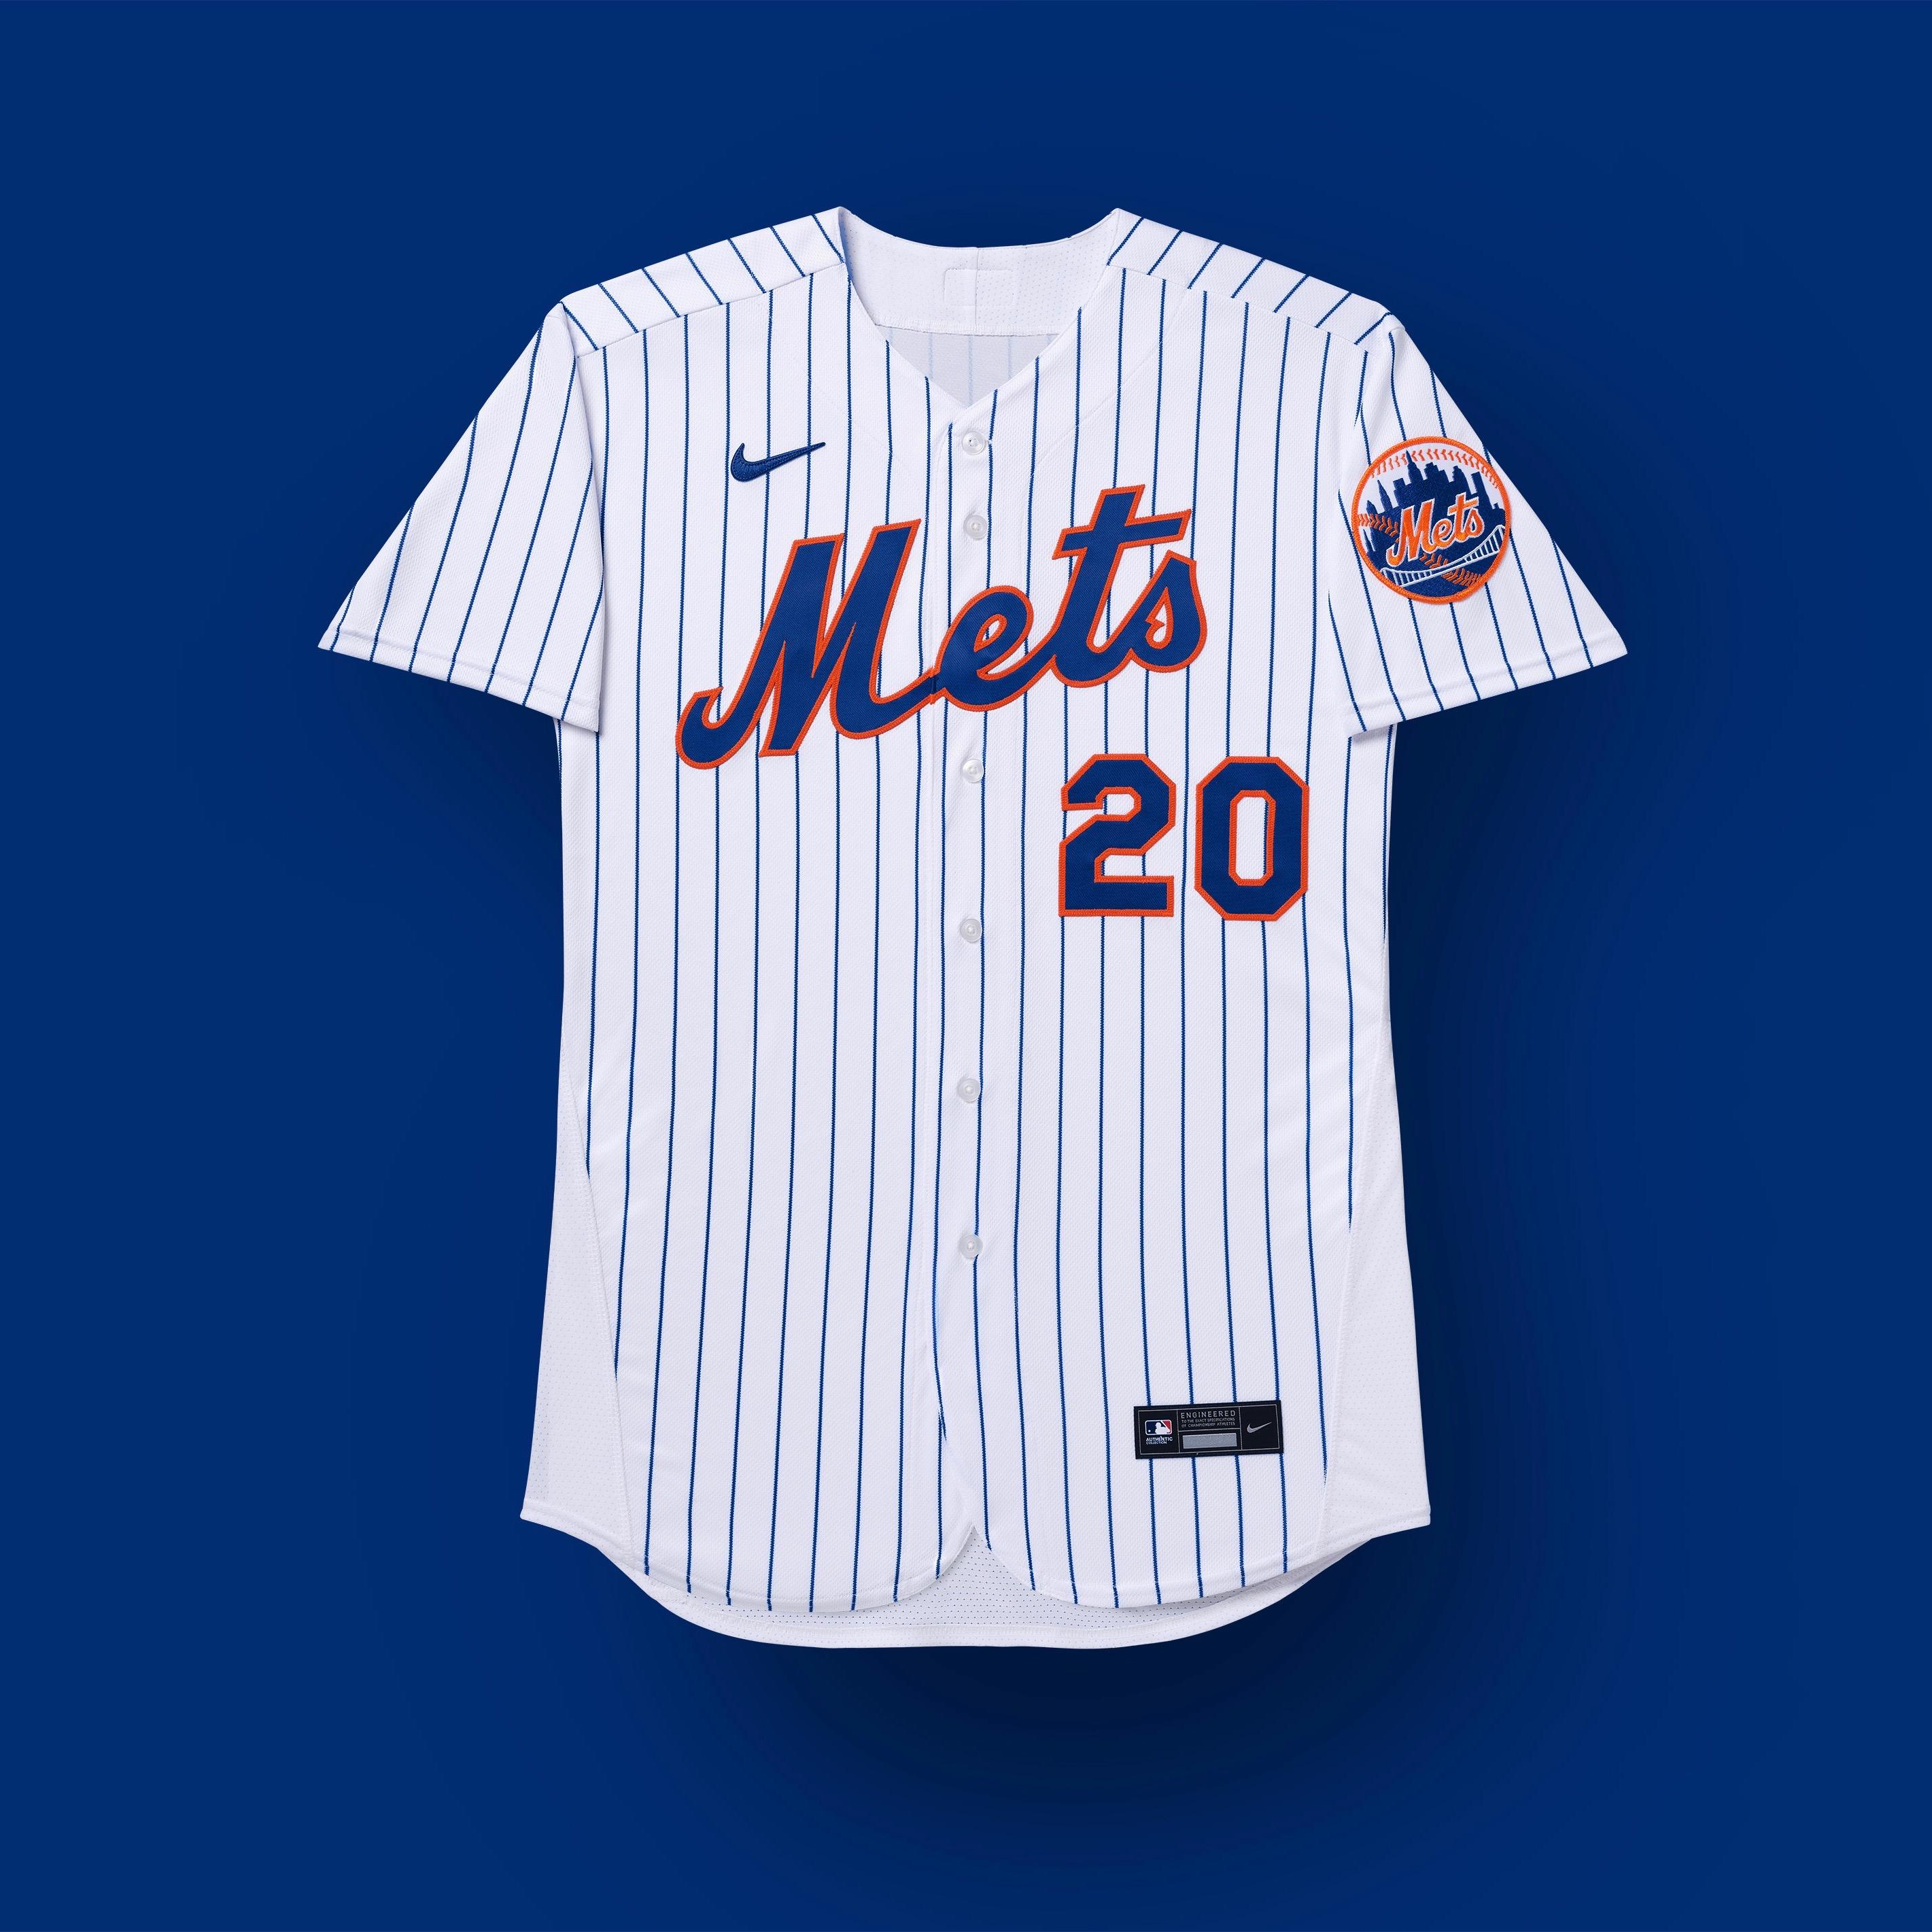 uniformes de los mets de nueva york 2020